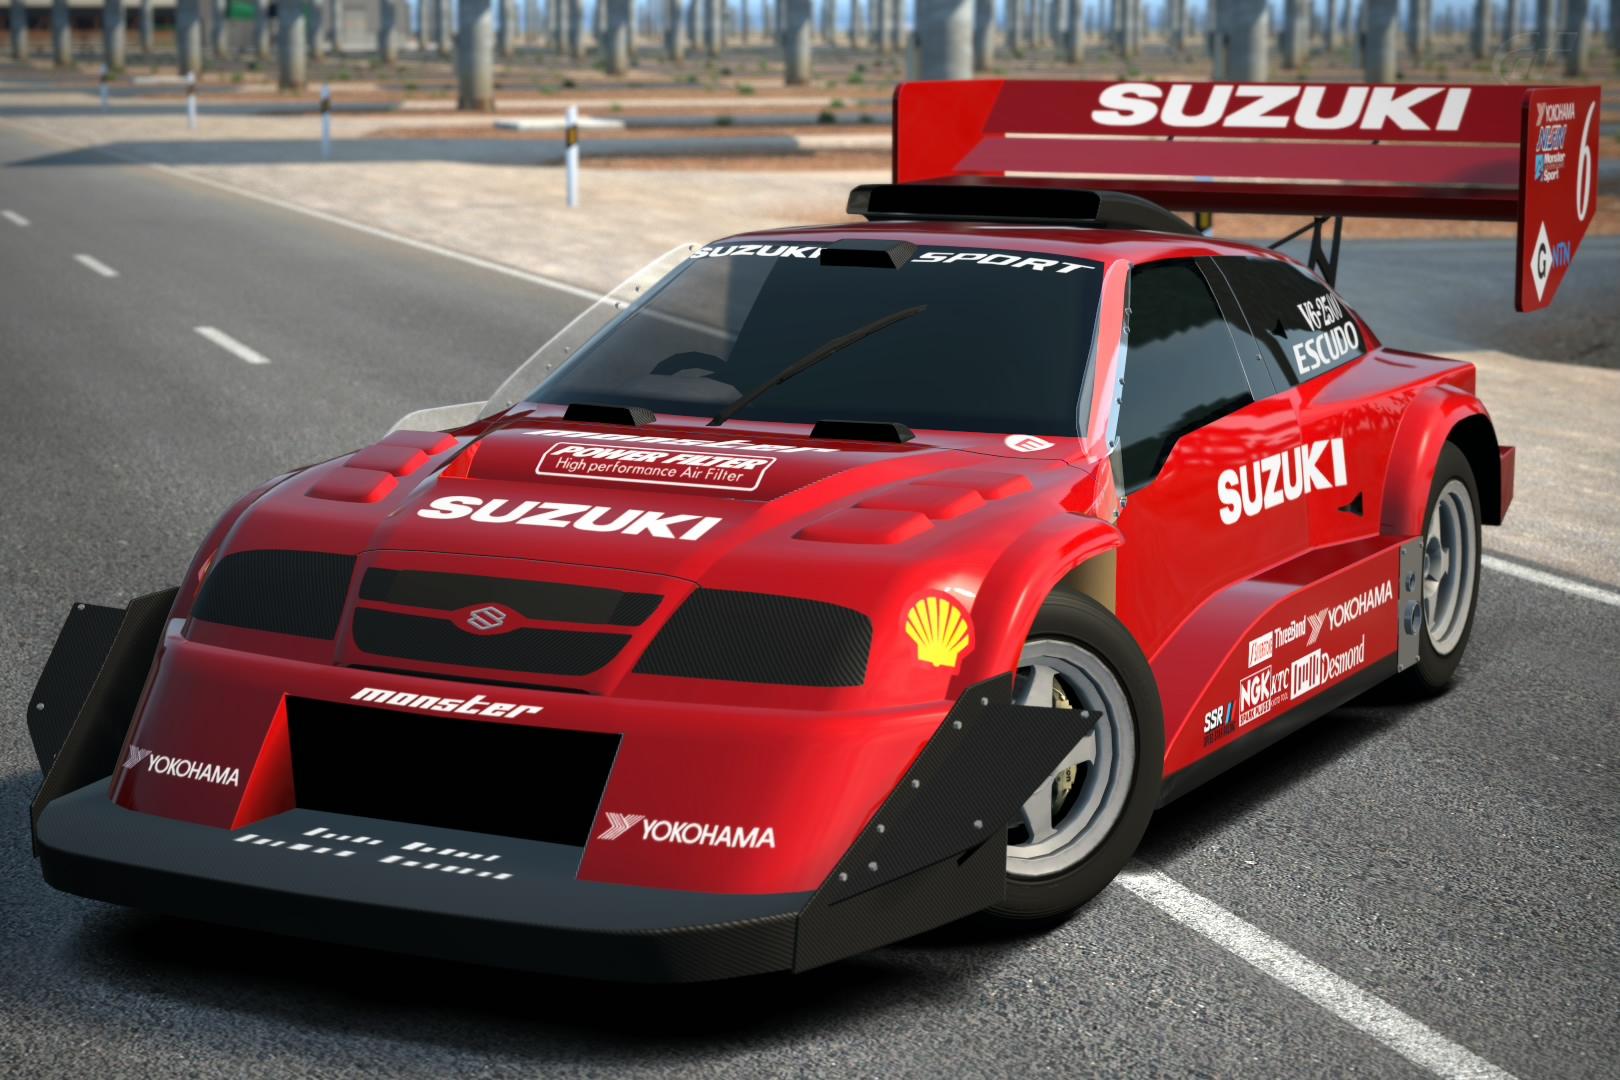 Suzuki ESCUDO Dirt Trial Car '98 | Gran Turismo Wiki